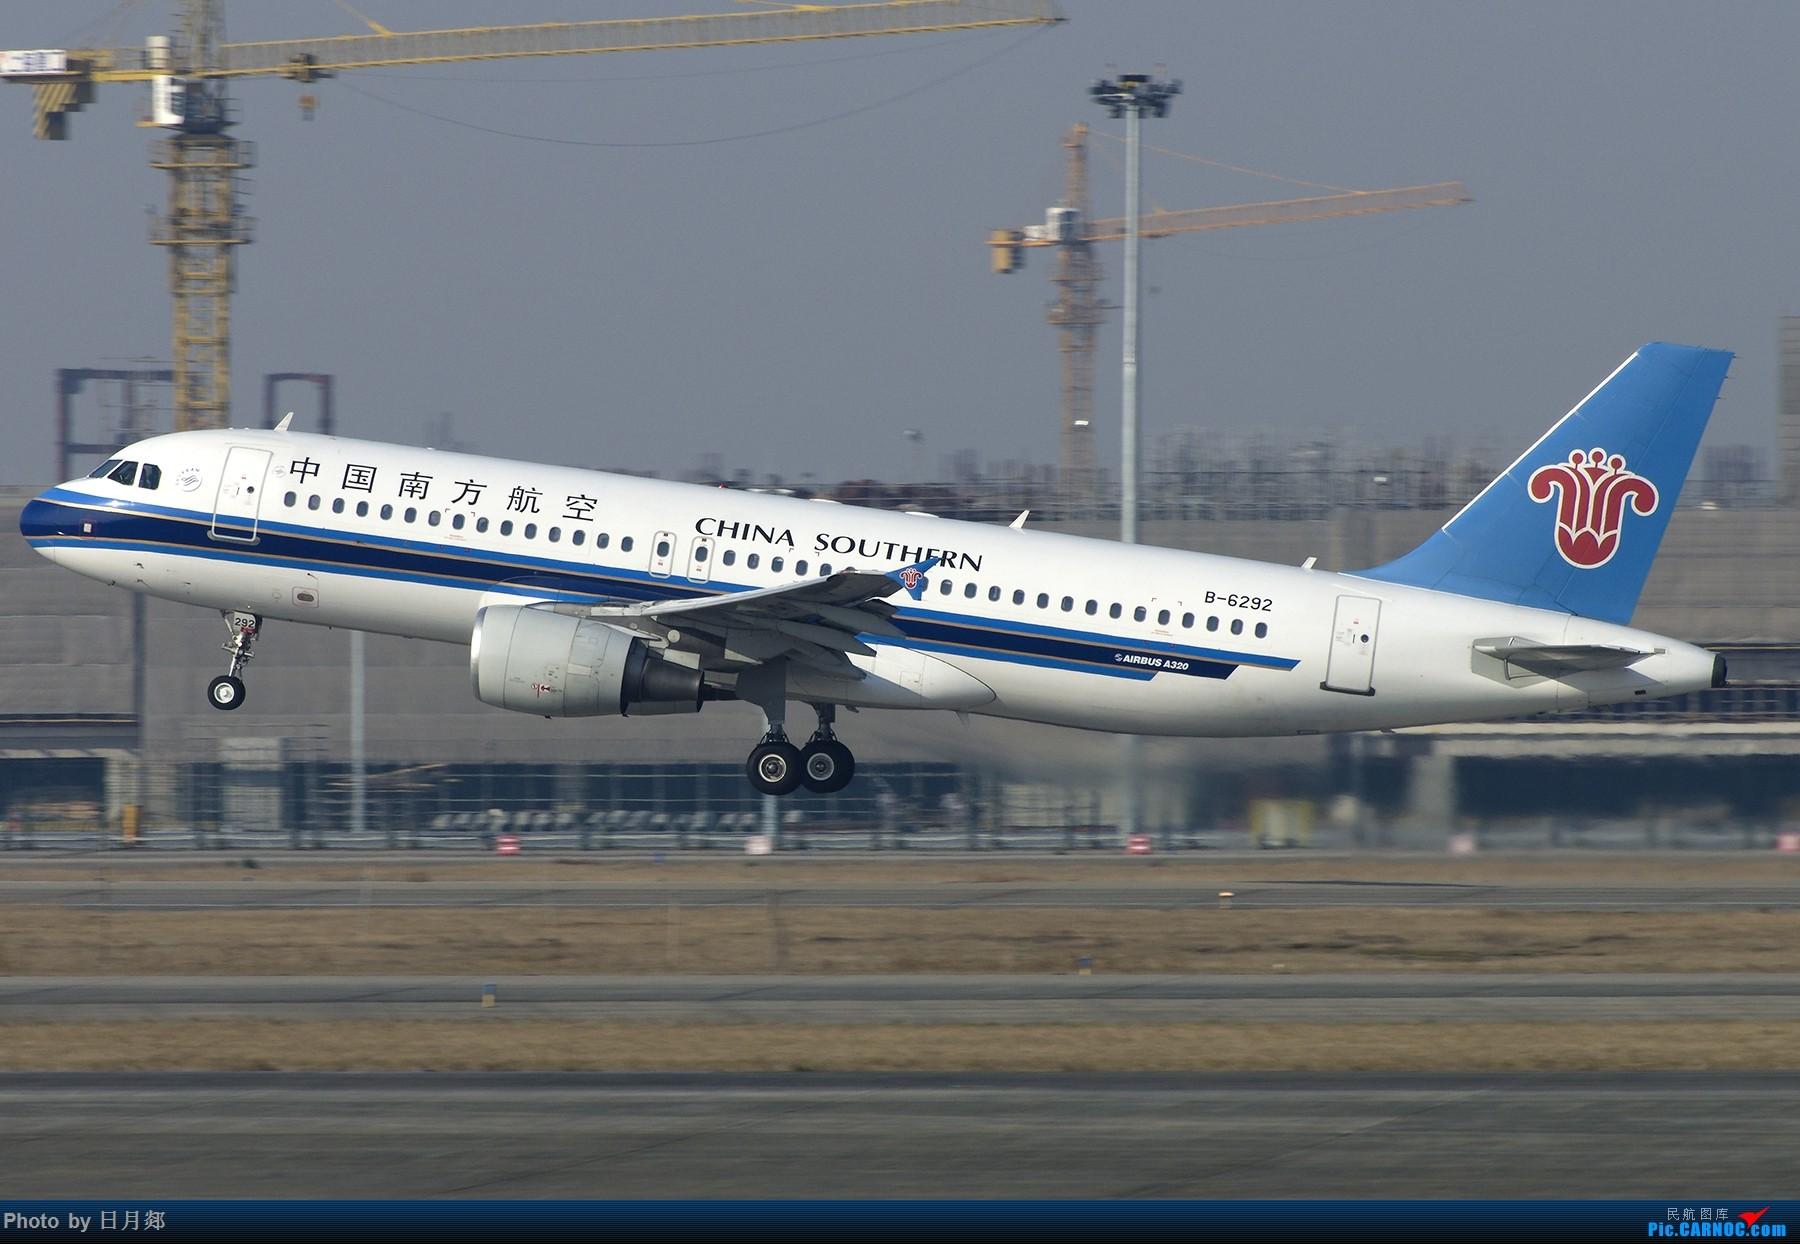 浦东机场 官网_南方航空在上海浦东机场的几号候机楼-